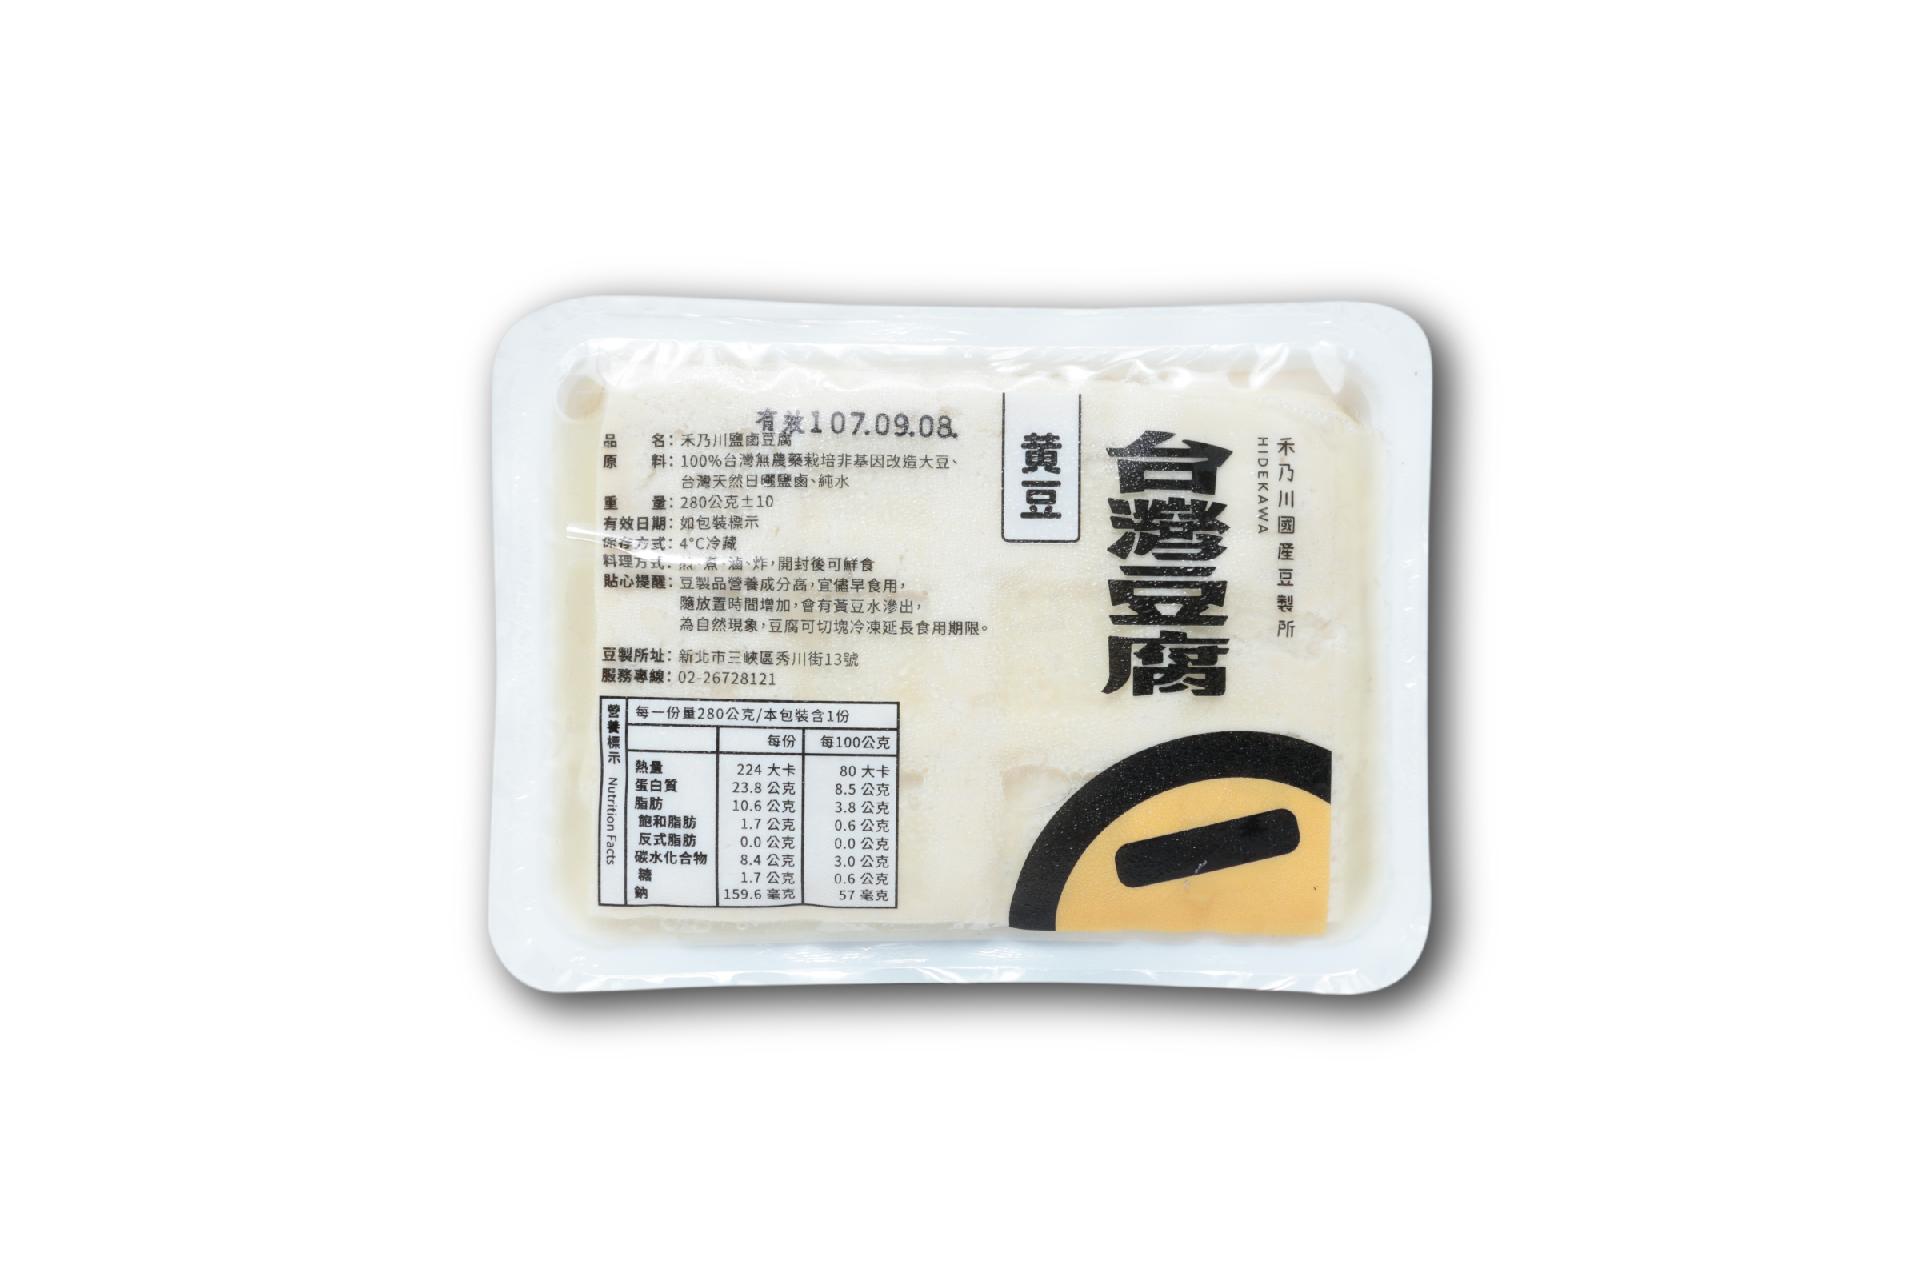 鹽鹵豆腐 - 天然日曬鹽鹵   禾乃川國產豆製所   改變生命的豆漿店